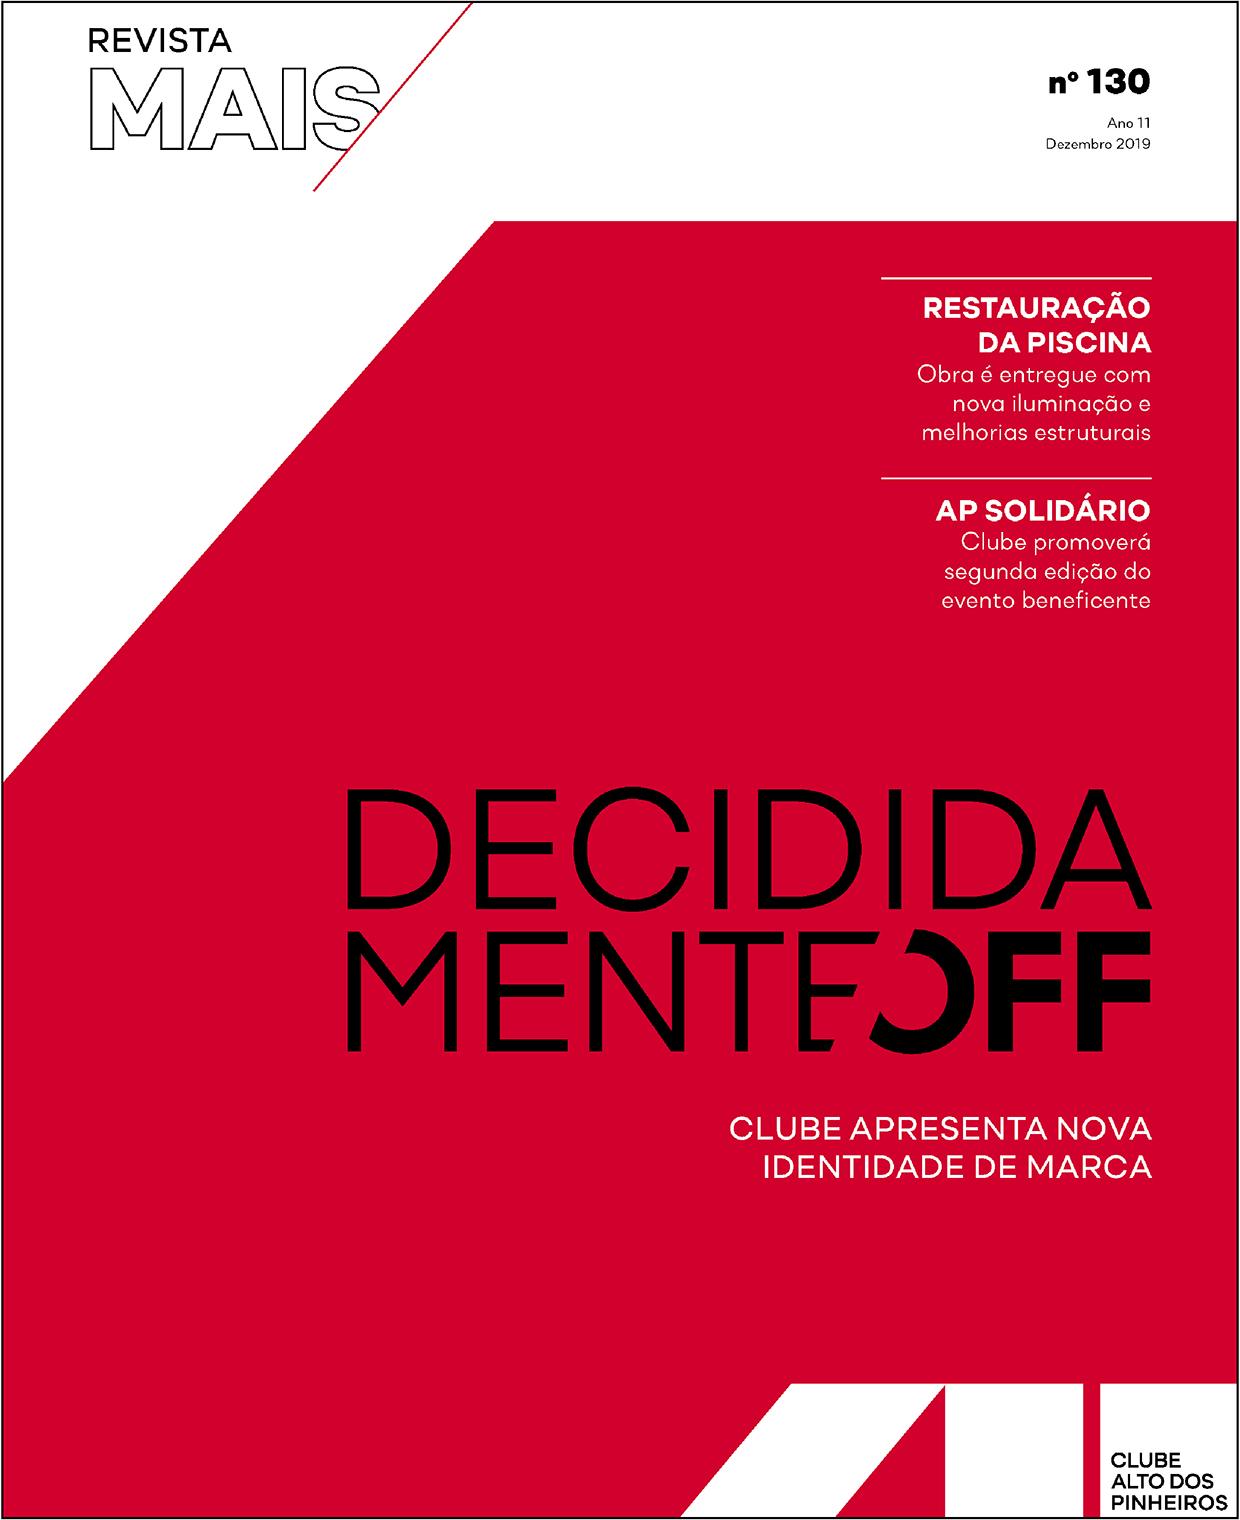 https://www.clubeap.com.br/wp-content/uploads/2019/08/caparevista130.jpg